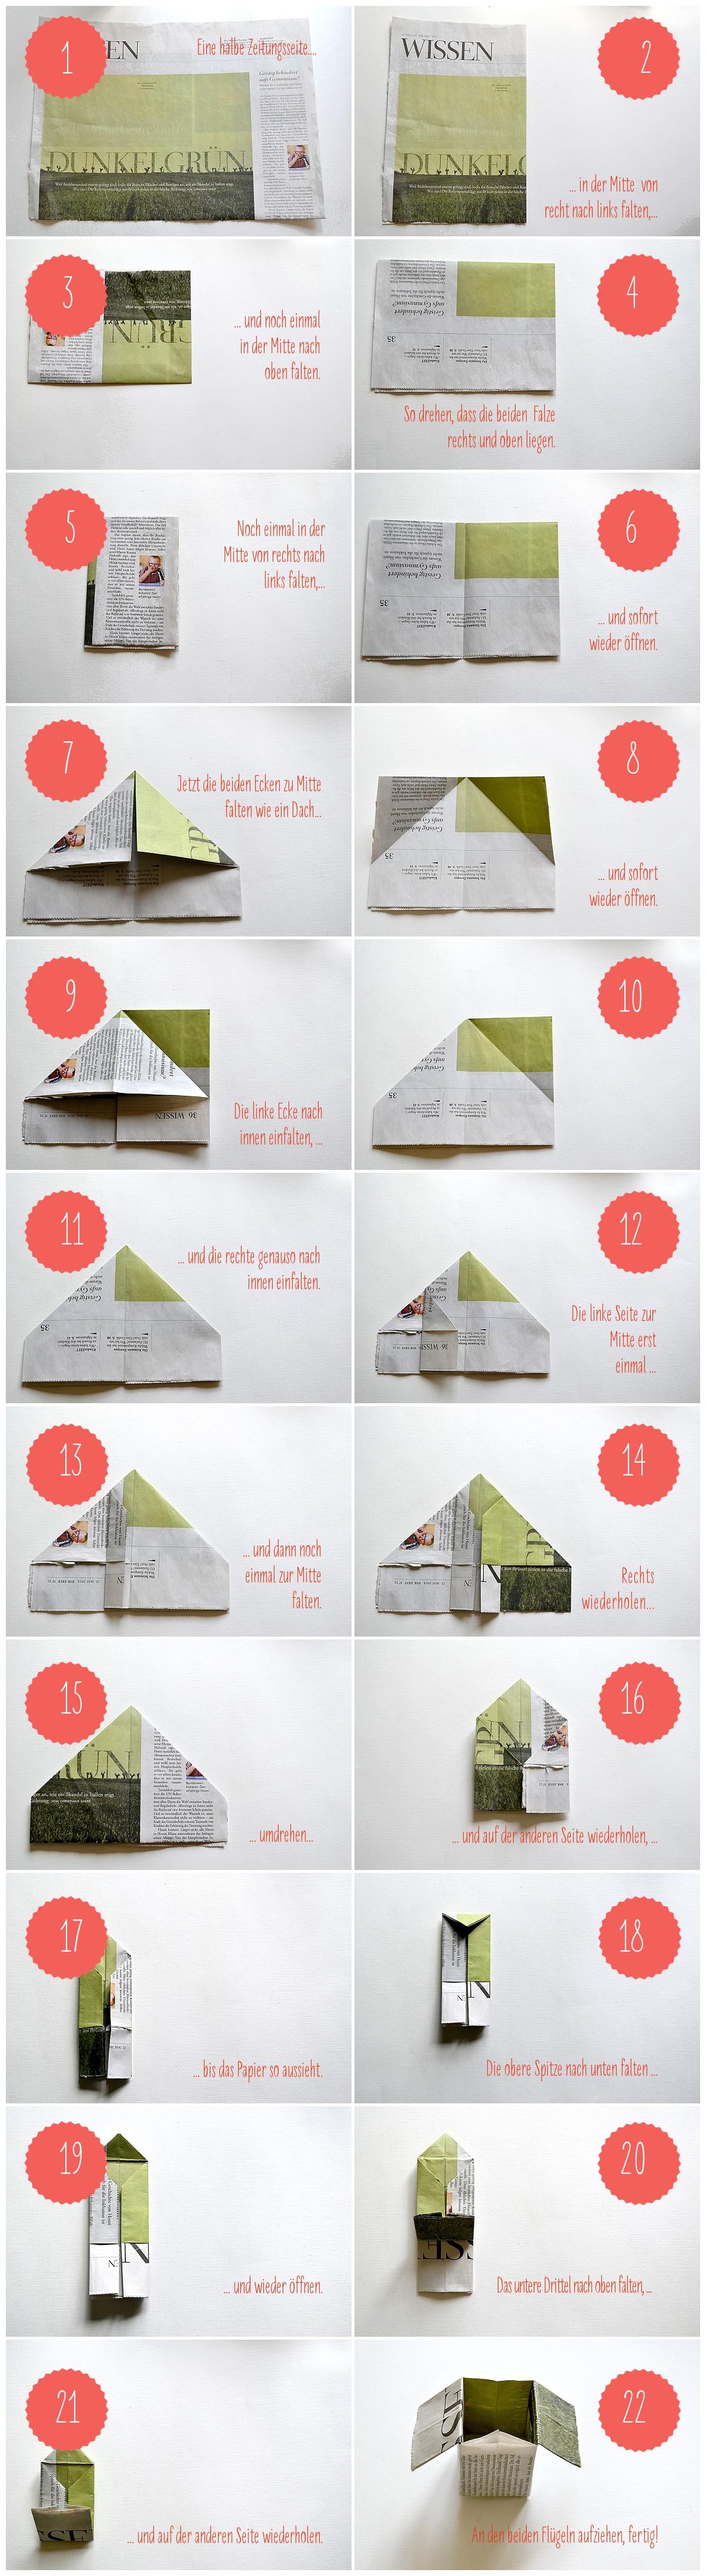 Tischkarten selber machen: Pflanzcontainer  für euren Hochzeitstisch |Verrueckt nach Hochzeit